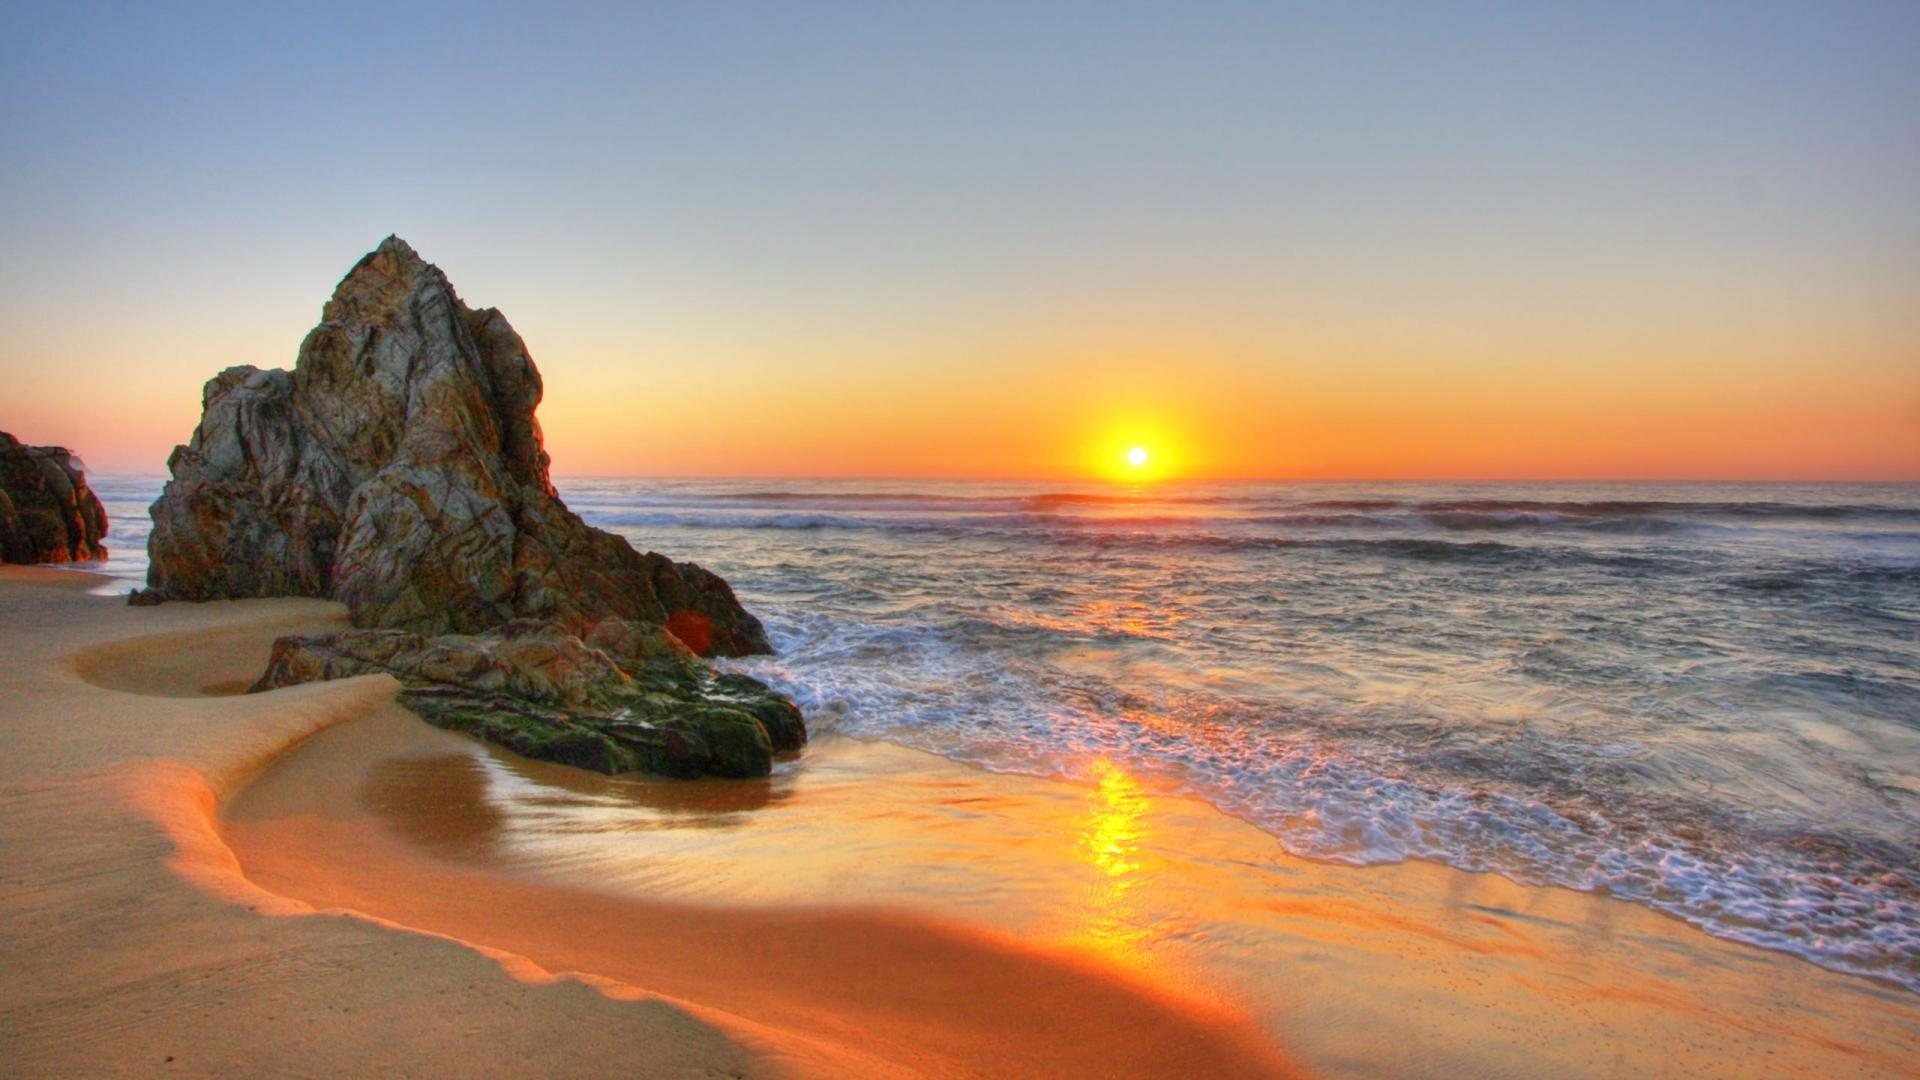 hd wallpapers beach sunset beautiful desktop widescreen backgrounds